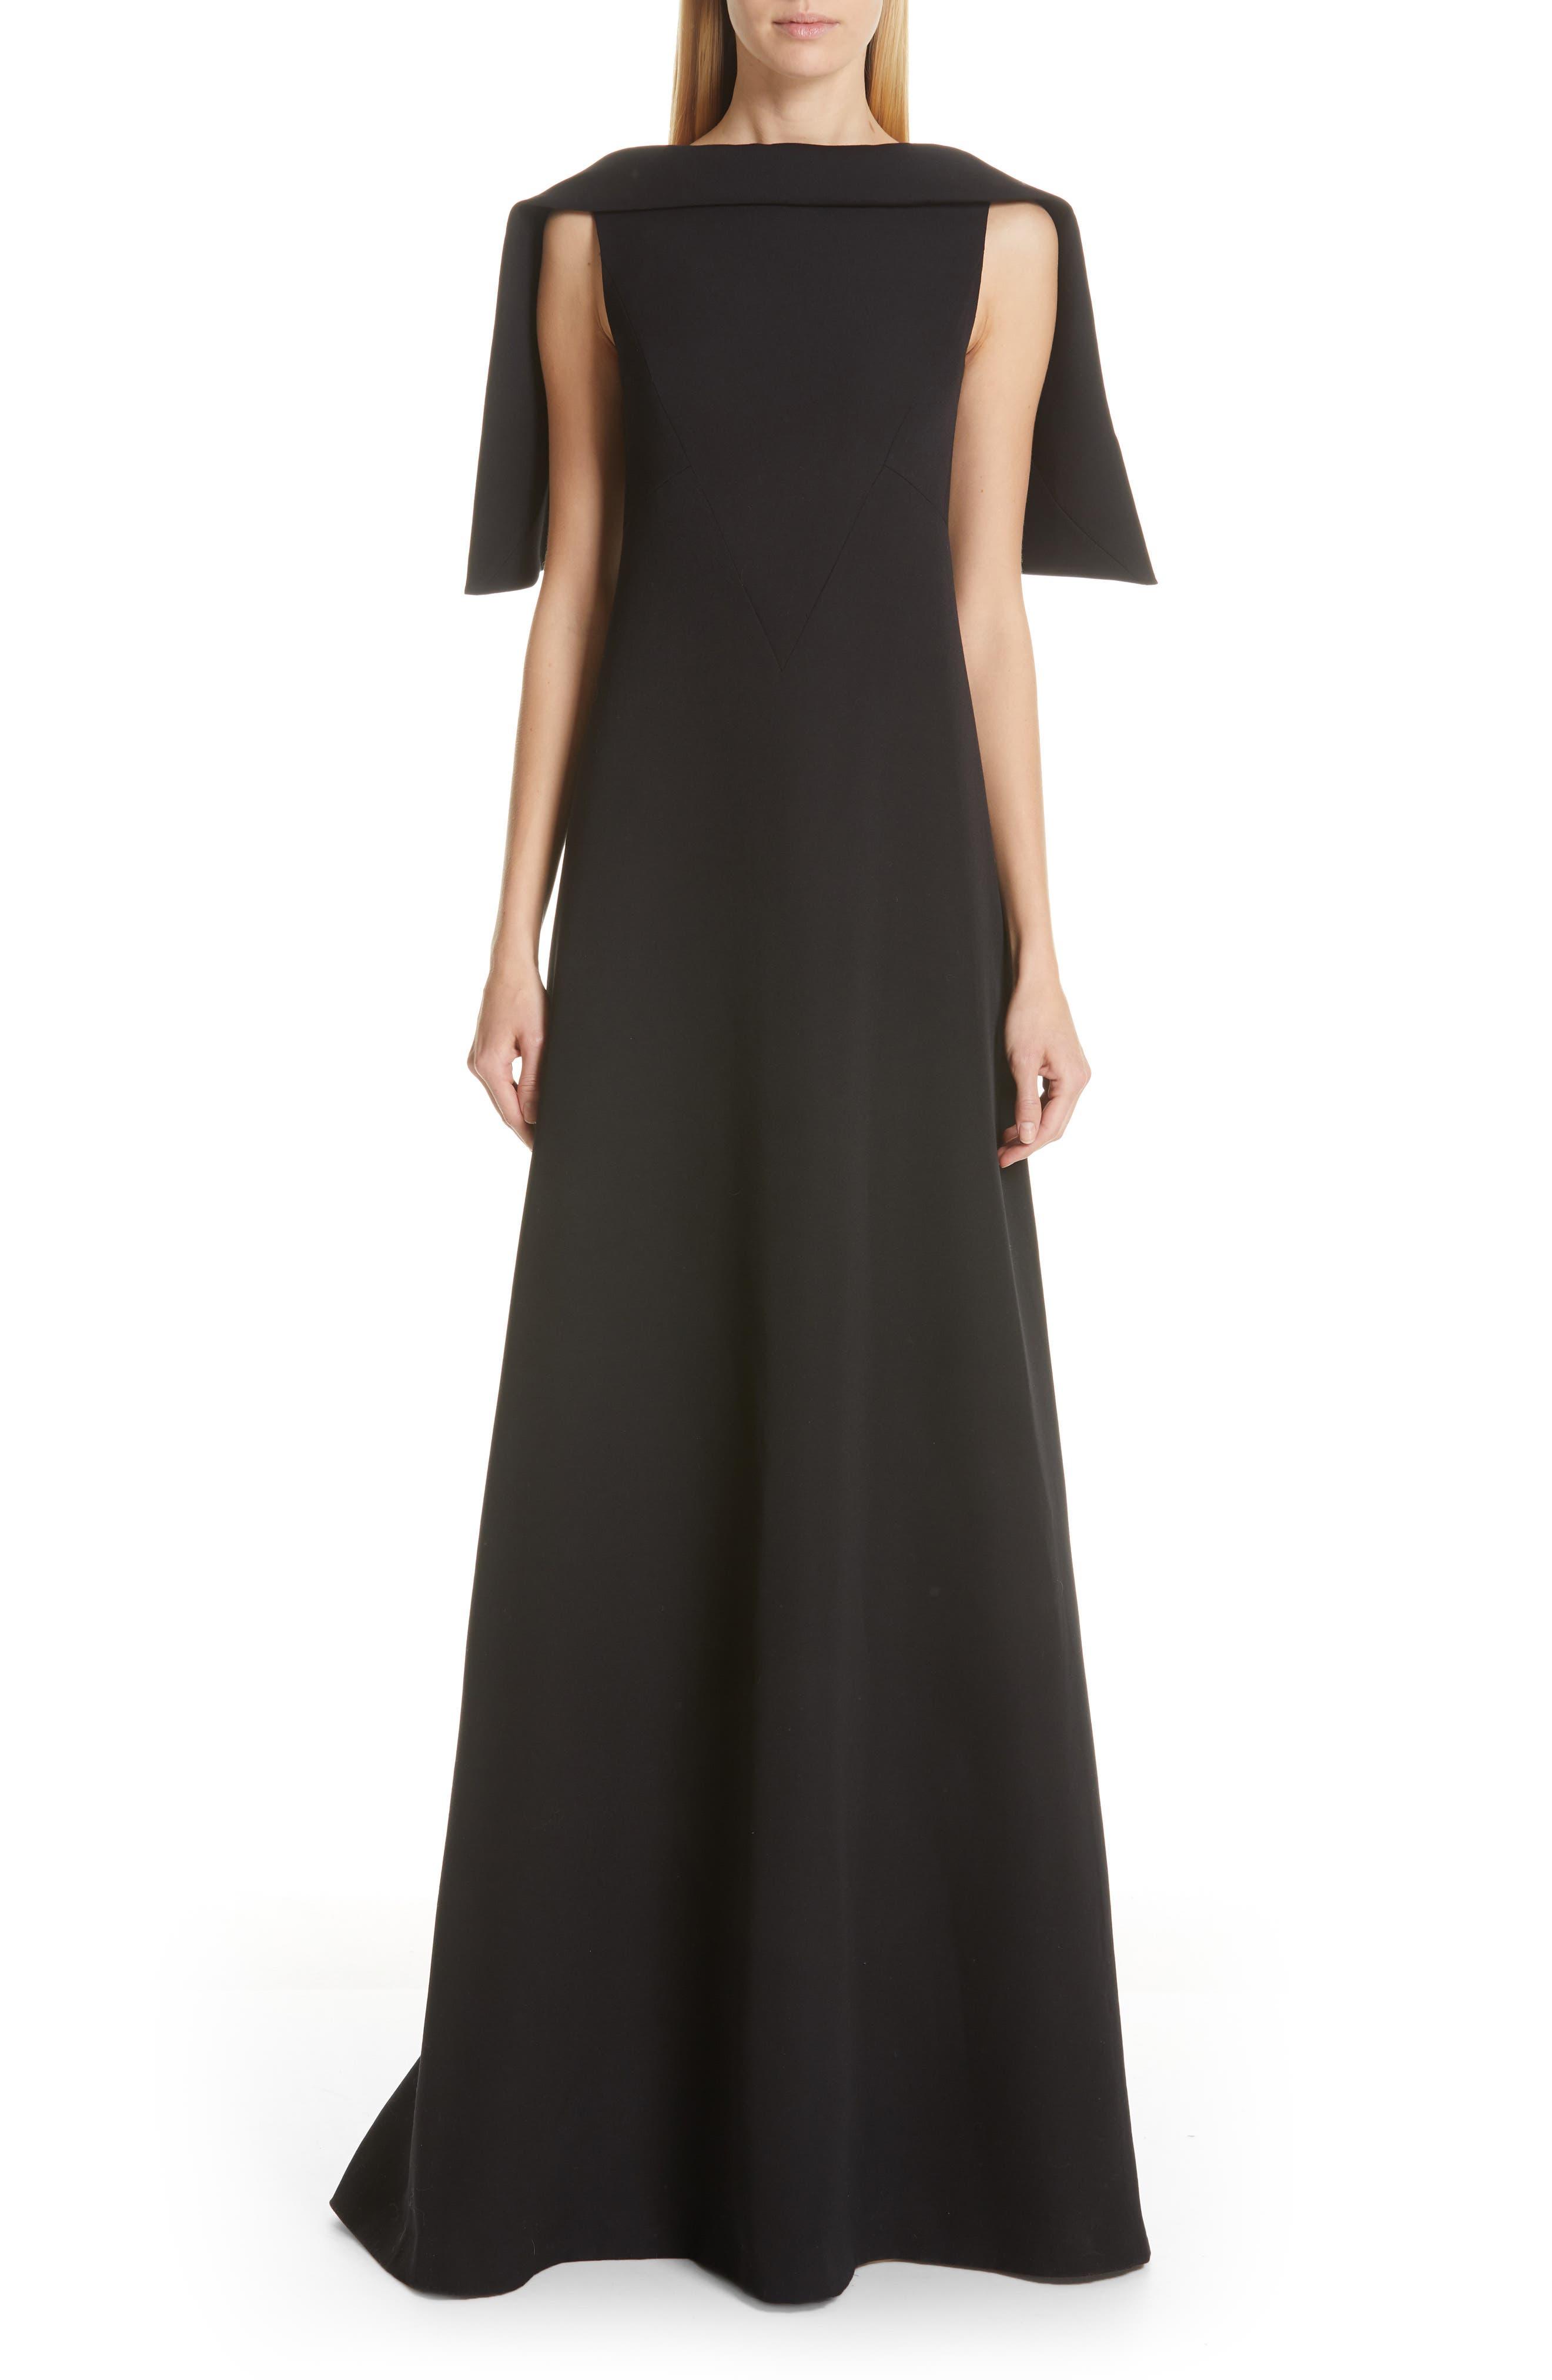 Givenchy Embellished Cape Wool Dress, 6 FR - Black